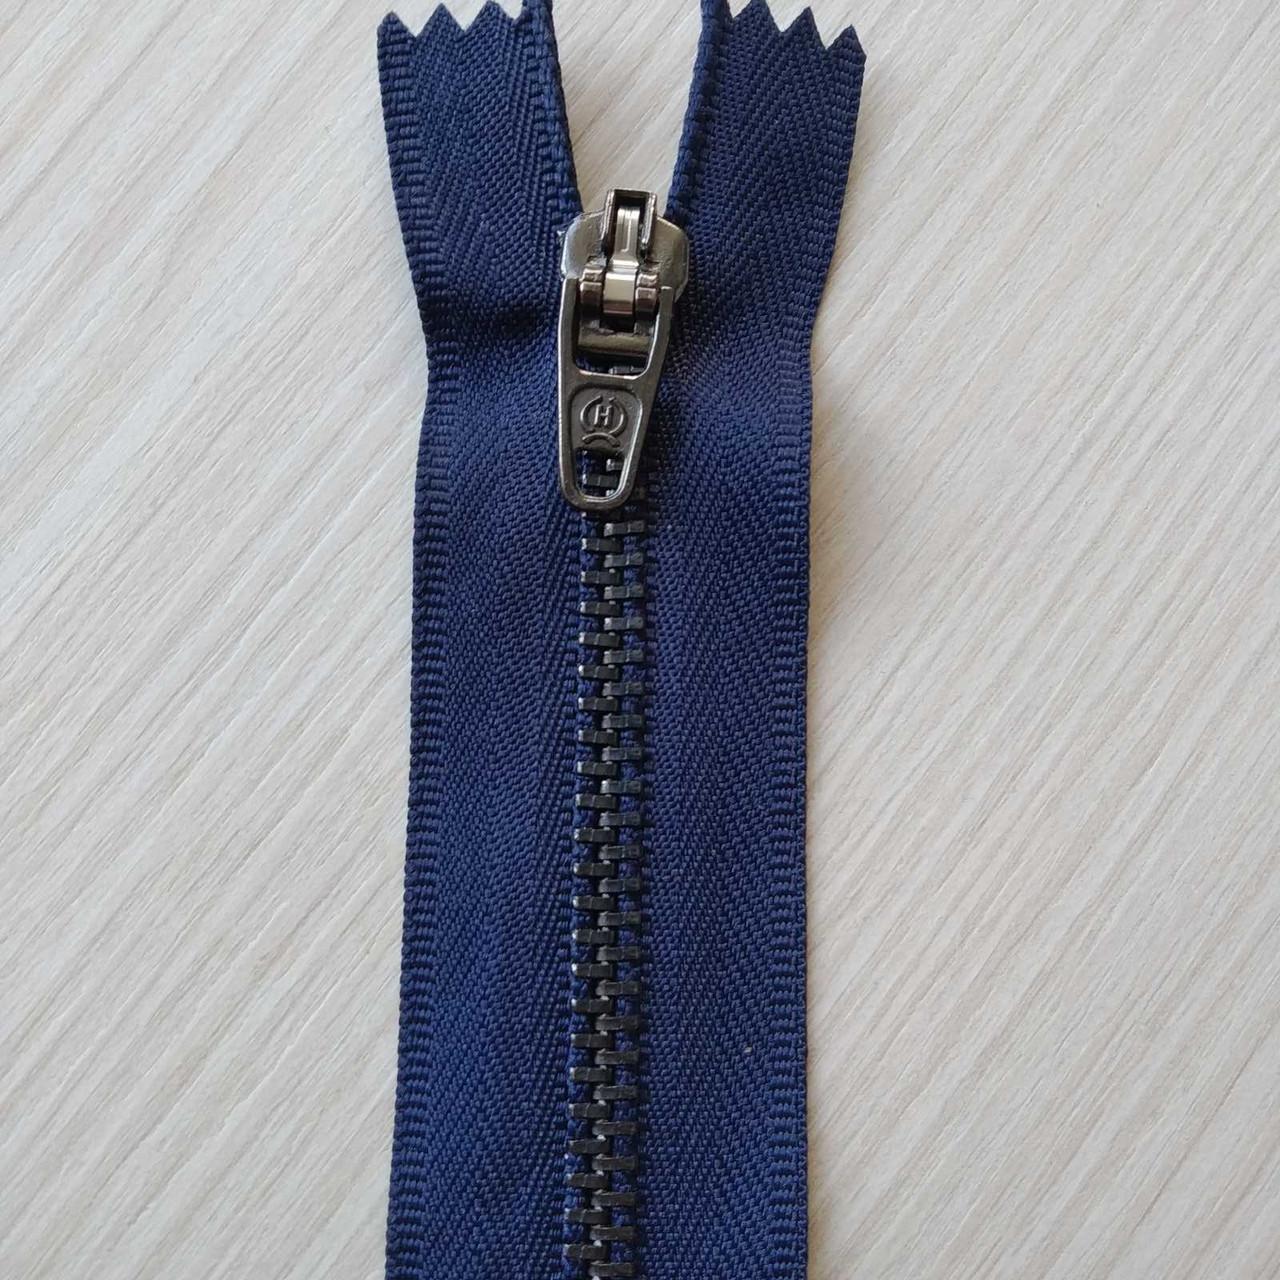 Застібка блискавка для штанів метал / 18см основа колір синій